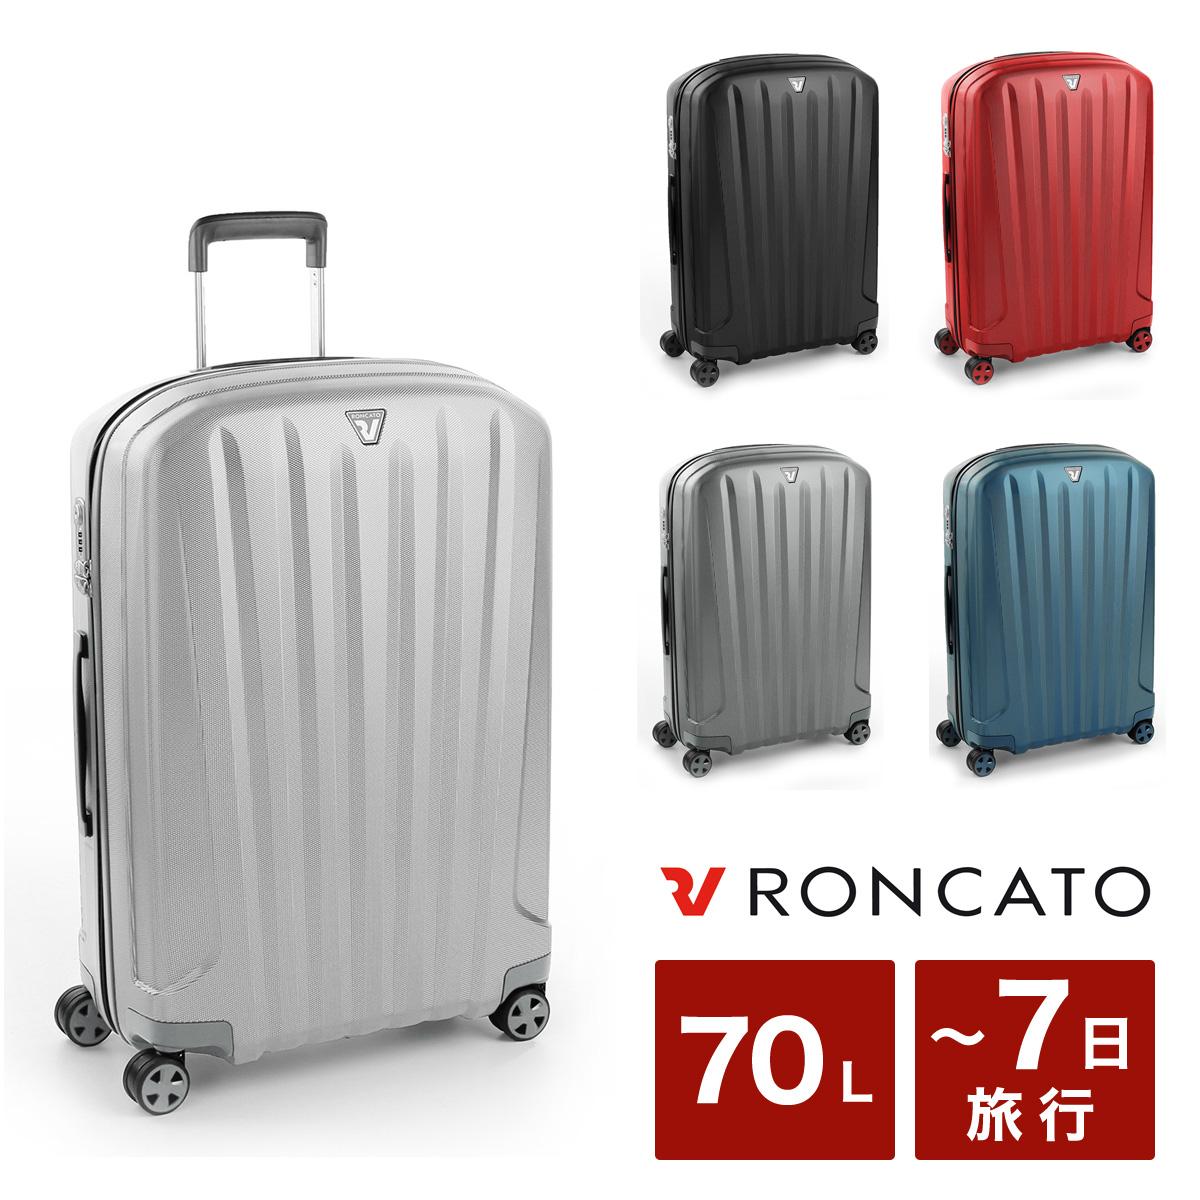 ロンカート スーツケース イタリア製 UNICA 5612 67cm RONCATO ユニカ ハード キャリーケース 軽量 TSAロック搭載 10年保証